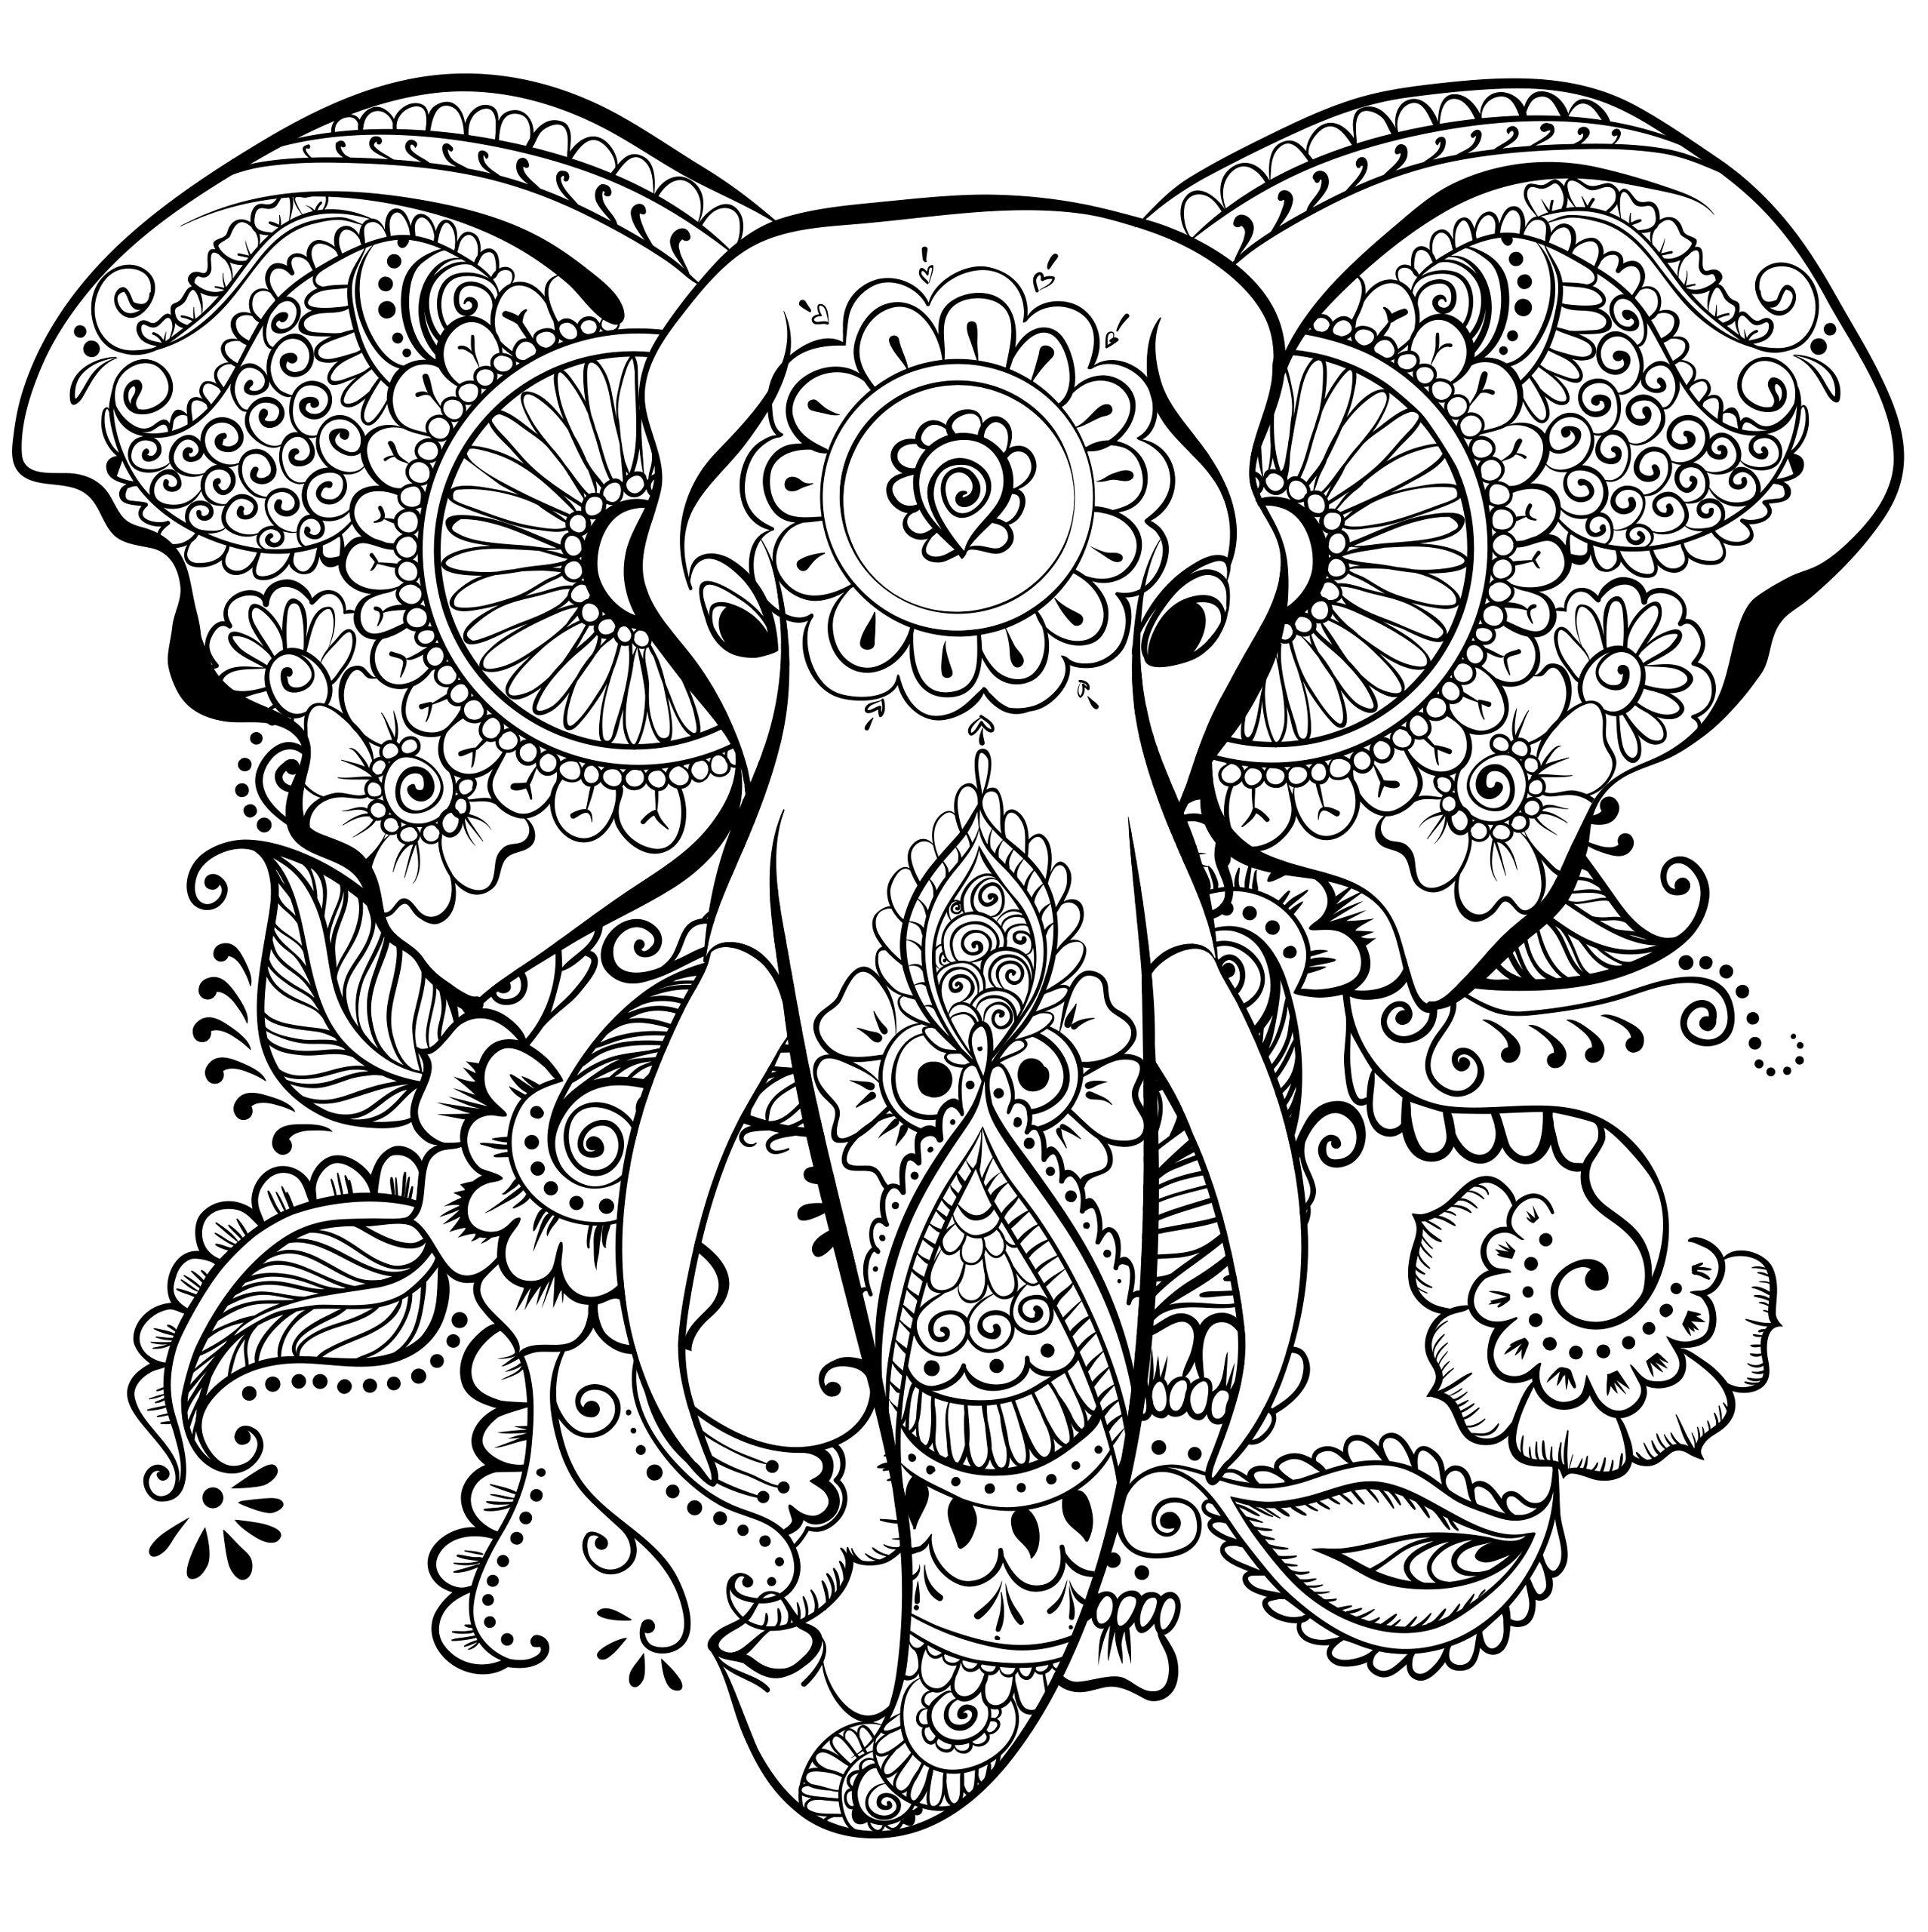 Pin de Rhonda Fox en Mandala Art | Pinterest | Elefantes, Mandalas y ...